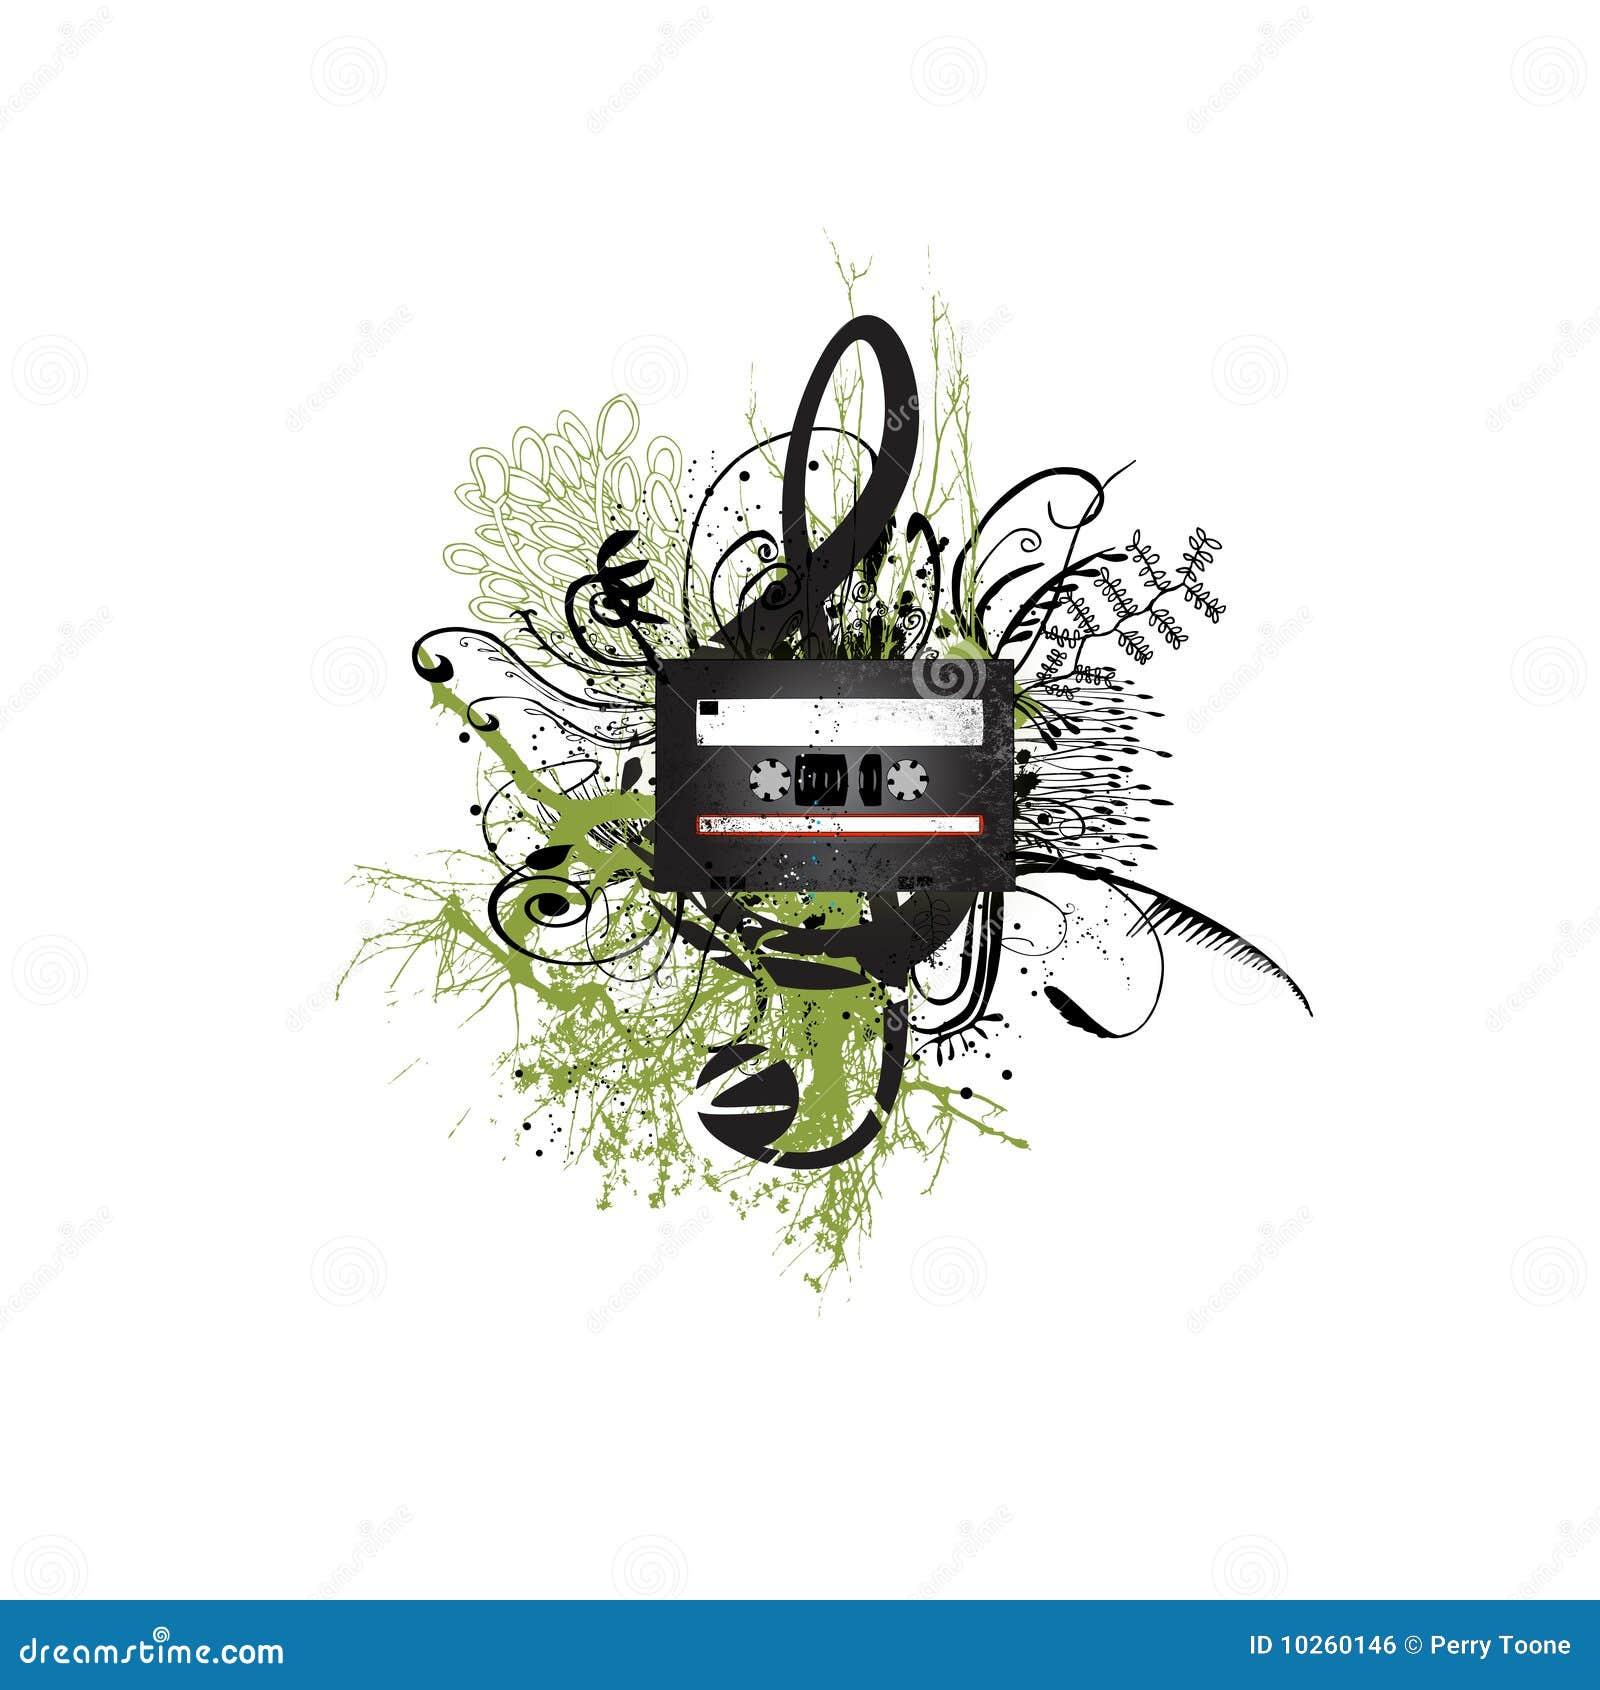 floral cassette design royalty free stock image image. Black Bedroom Furniture Sets. Home Design Ideas